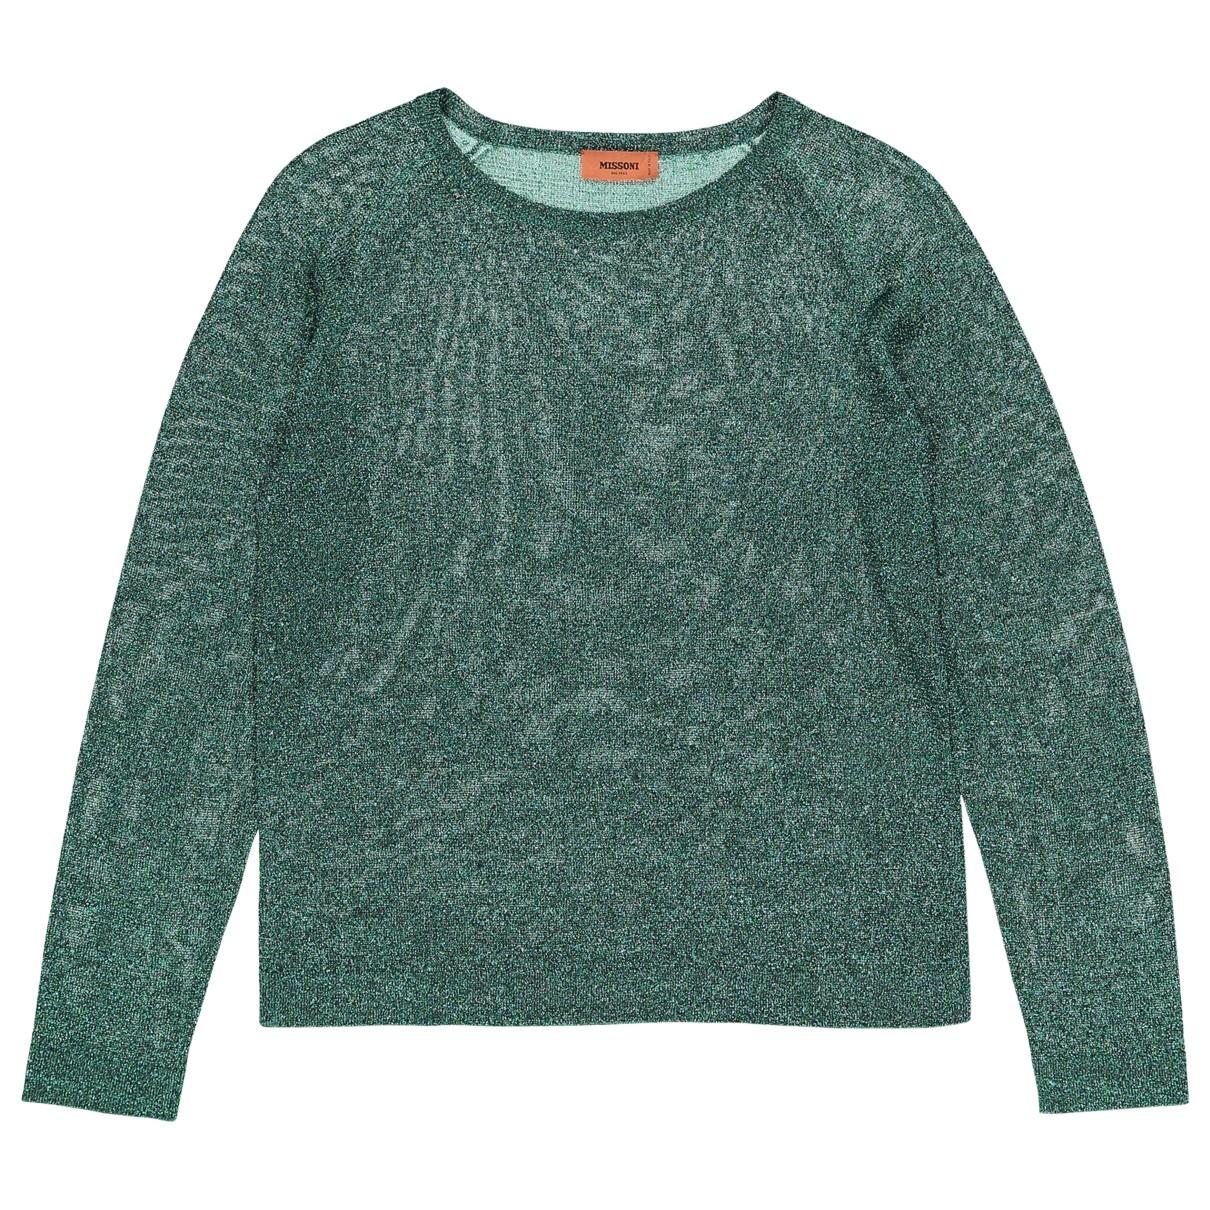 Missoni \N Green Knitwear for Women M International